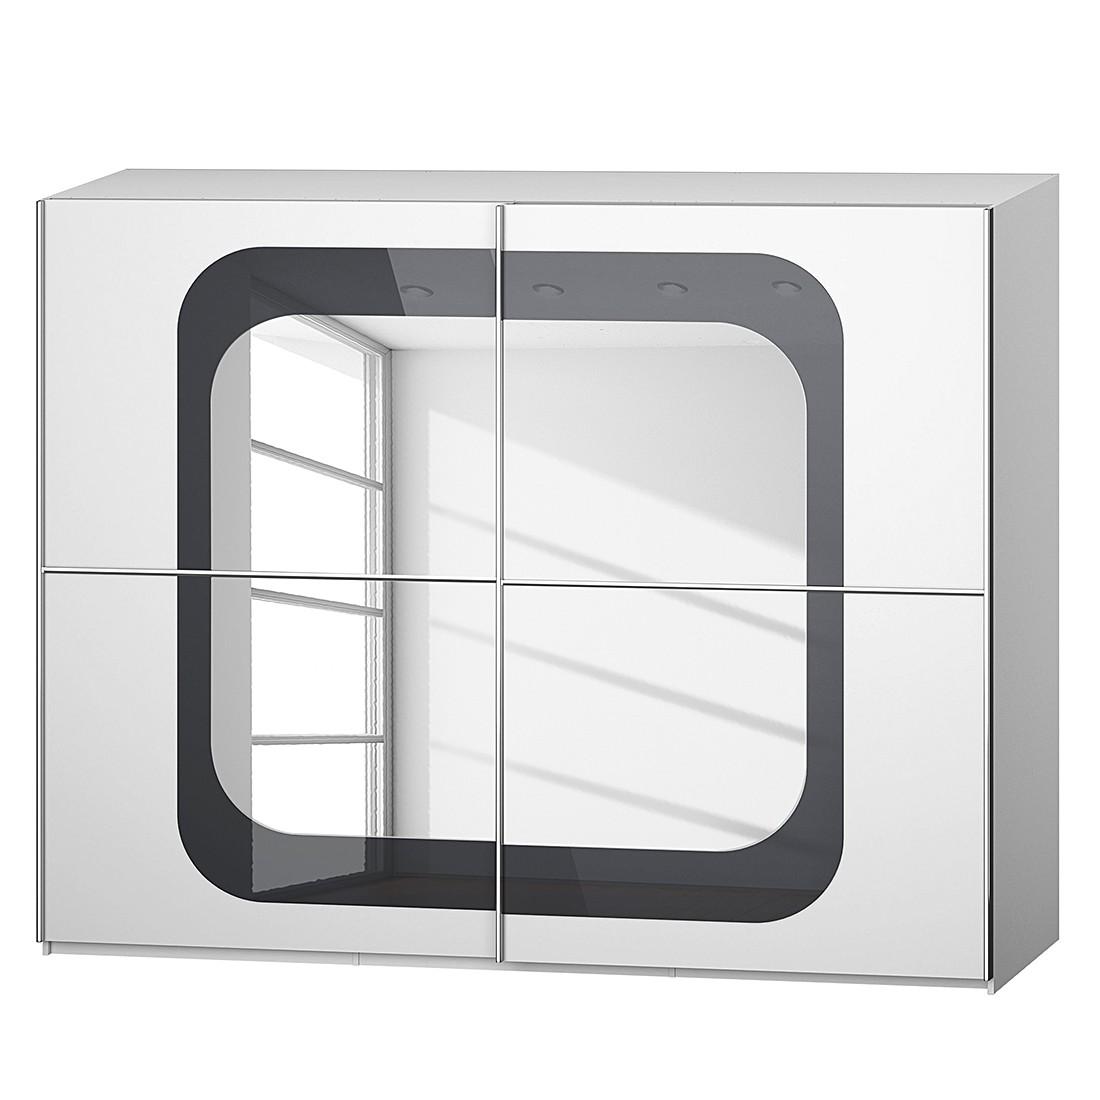 goedkoop Schuifdeurkast Lumos Alpinewit basaltkleurig glas 270cm 2 deurs 236cm Rauch Dialog